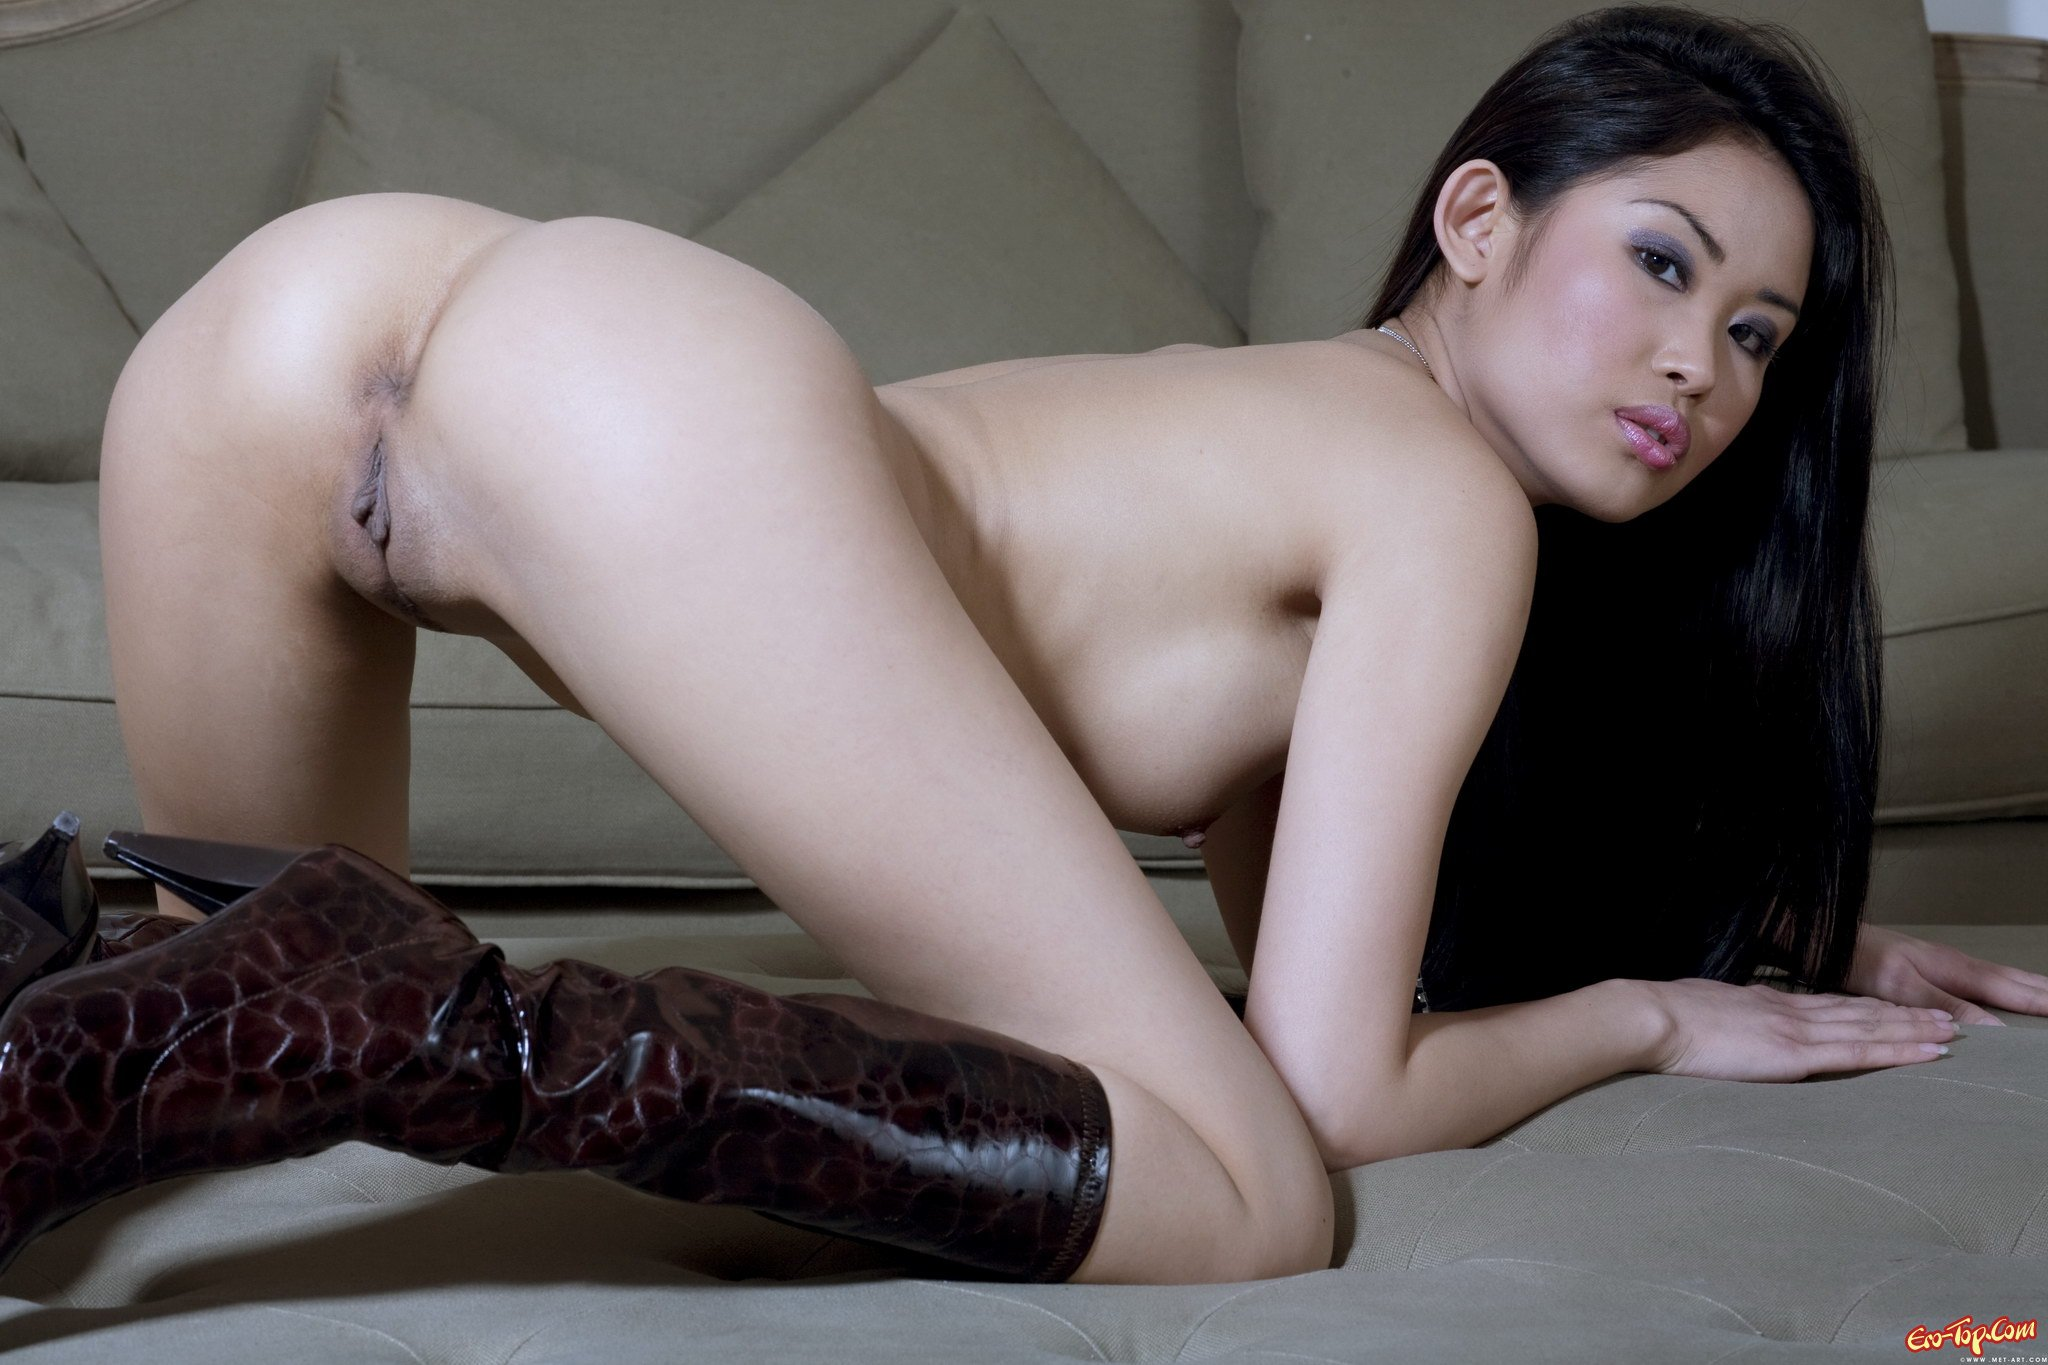 Free videotop model sexy porno gallery fucked scene